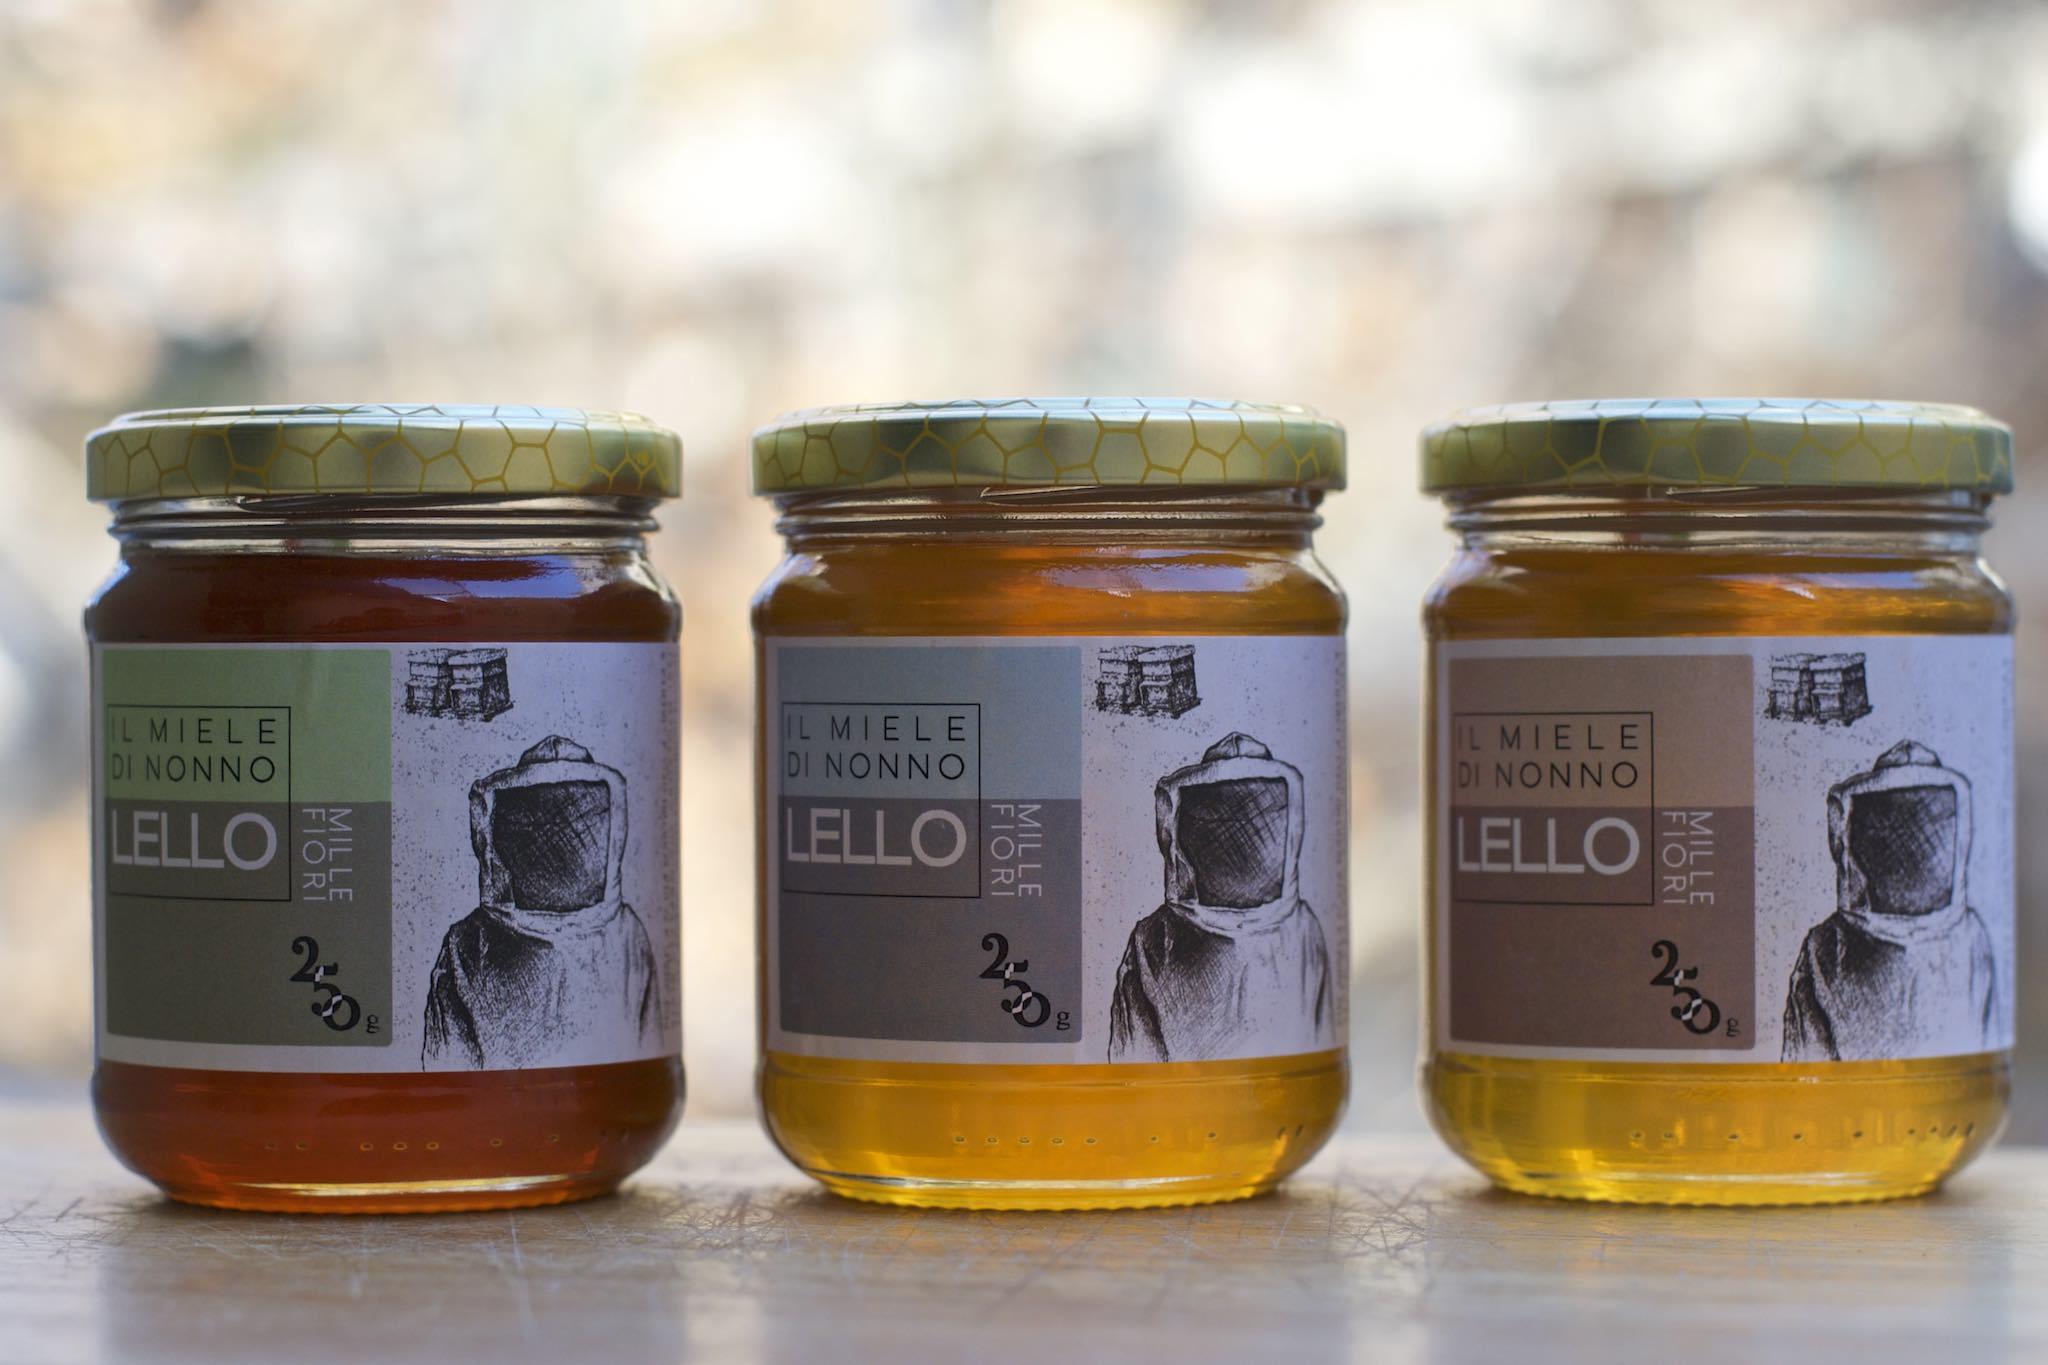 millefiori miele di nonno lello